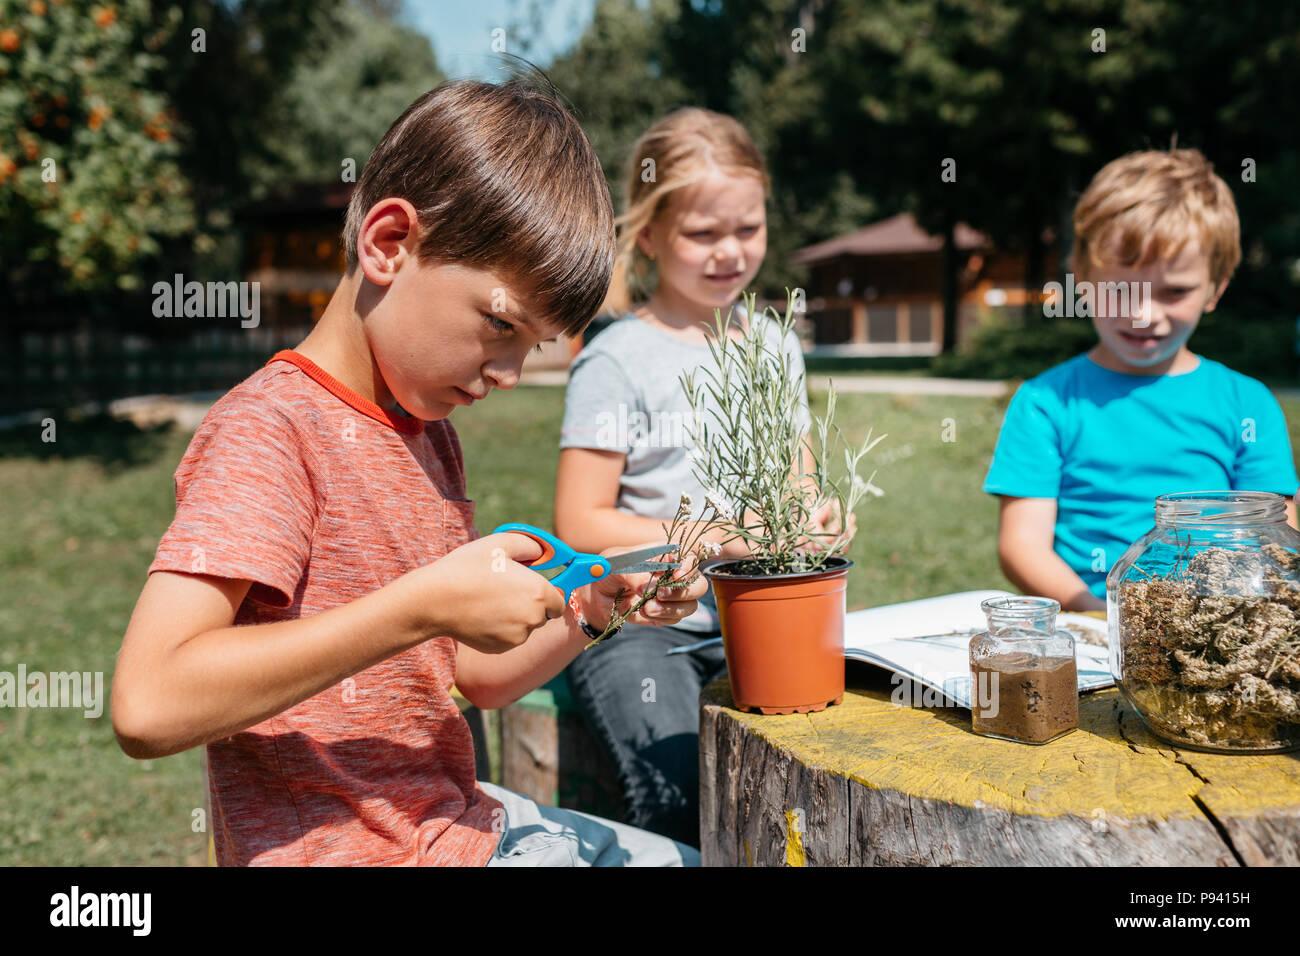 Bambini imparare insieme a una scienza naturale di classe. Vista laterale di un primario studente ad esplorare le erbe e le piante con i compagni di classe in un giardino della scuola. Immagini Stock